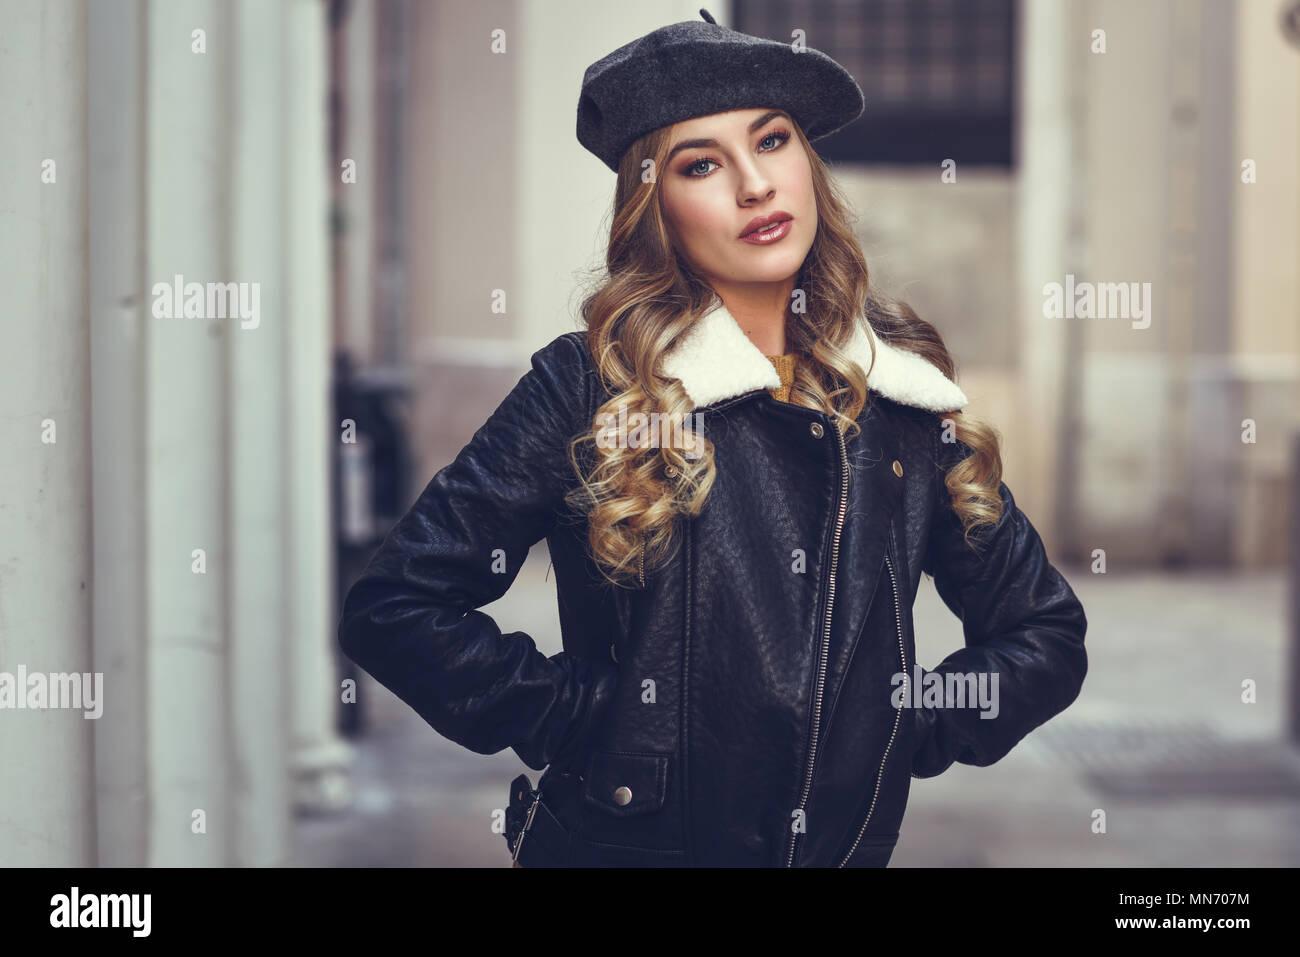 Mujer rusa rubia en el contexto urbano. Hermosa joven